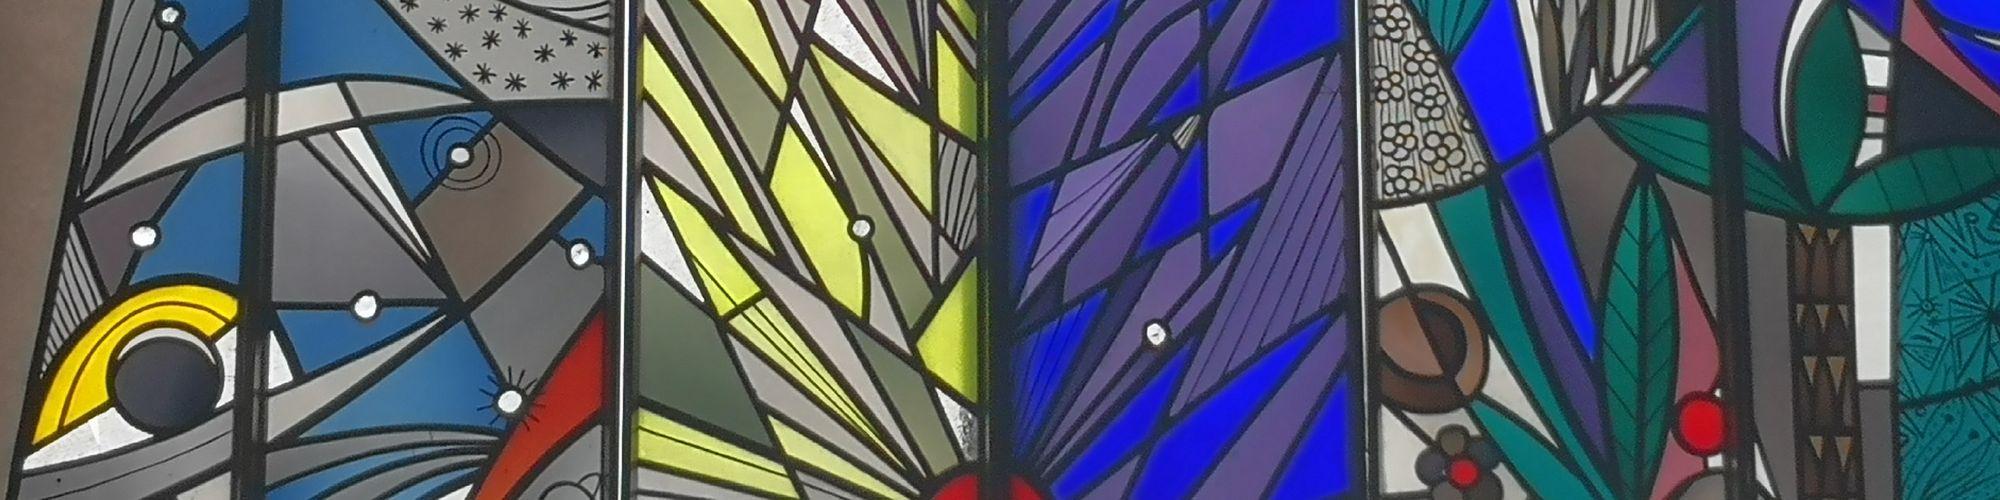 Fensterglas geschnitten 2000 500